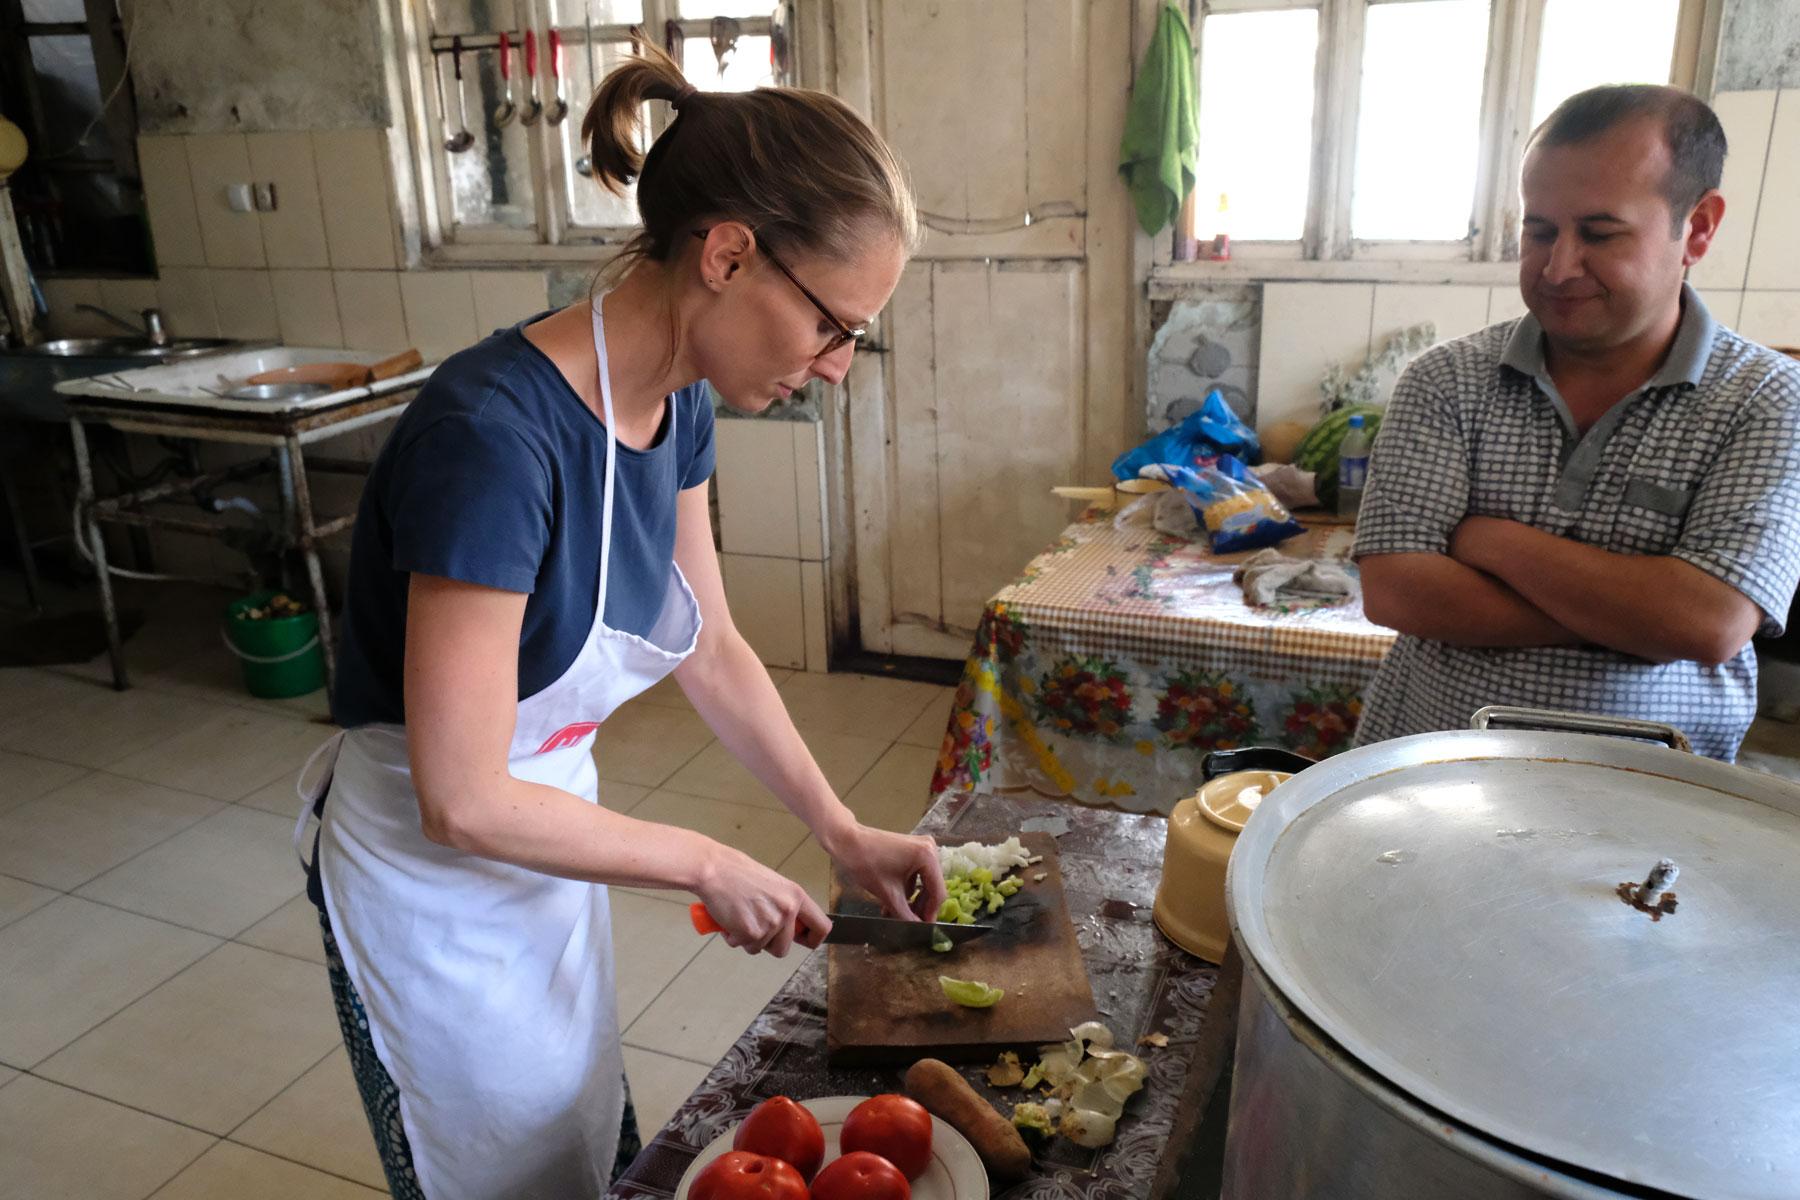 In der kleinen Stadt Vanj erhole ich mich von meiner Krankheit und nachdem es mir besser geht, dürfen wir die Restaurantküche in Beschlag nehmen! Der Koch schaut mir interessiert zu - ein Gericht ohne Fleisch, so erzählt er uns, hat es hier schon lange nicht mehr gegeben.